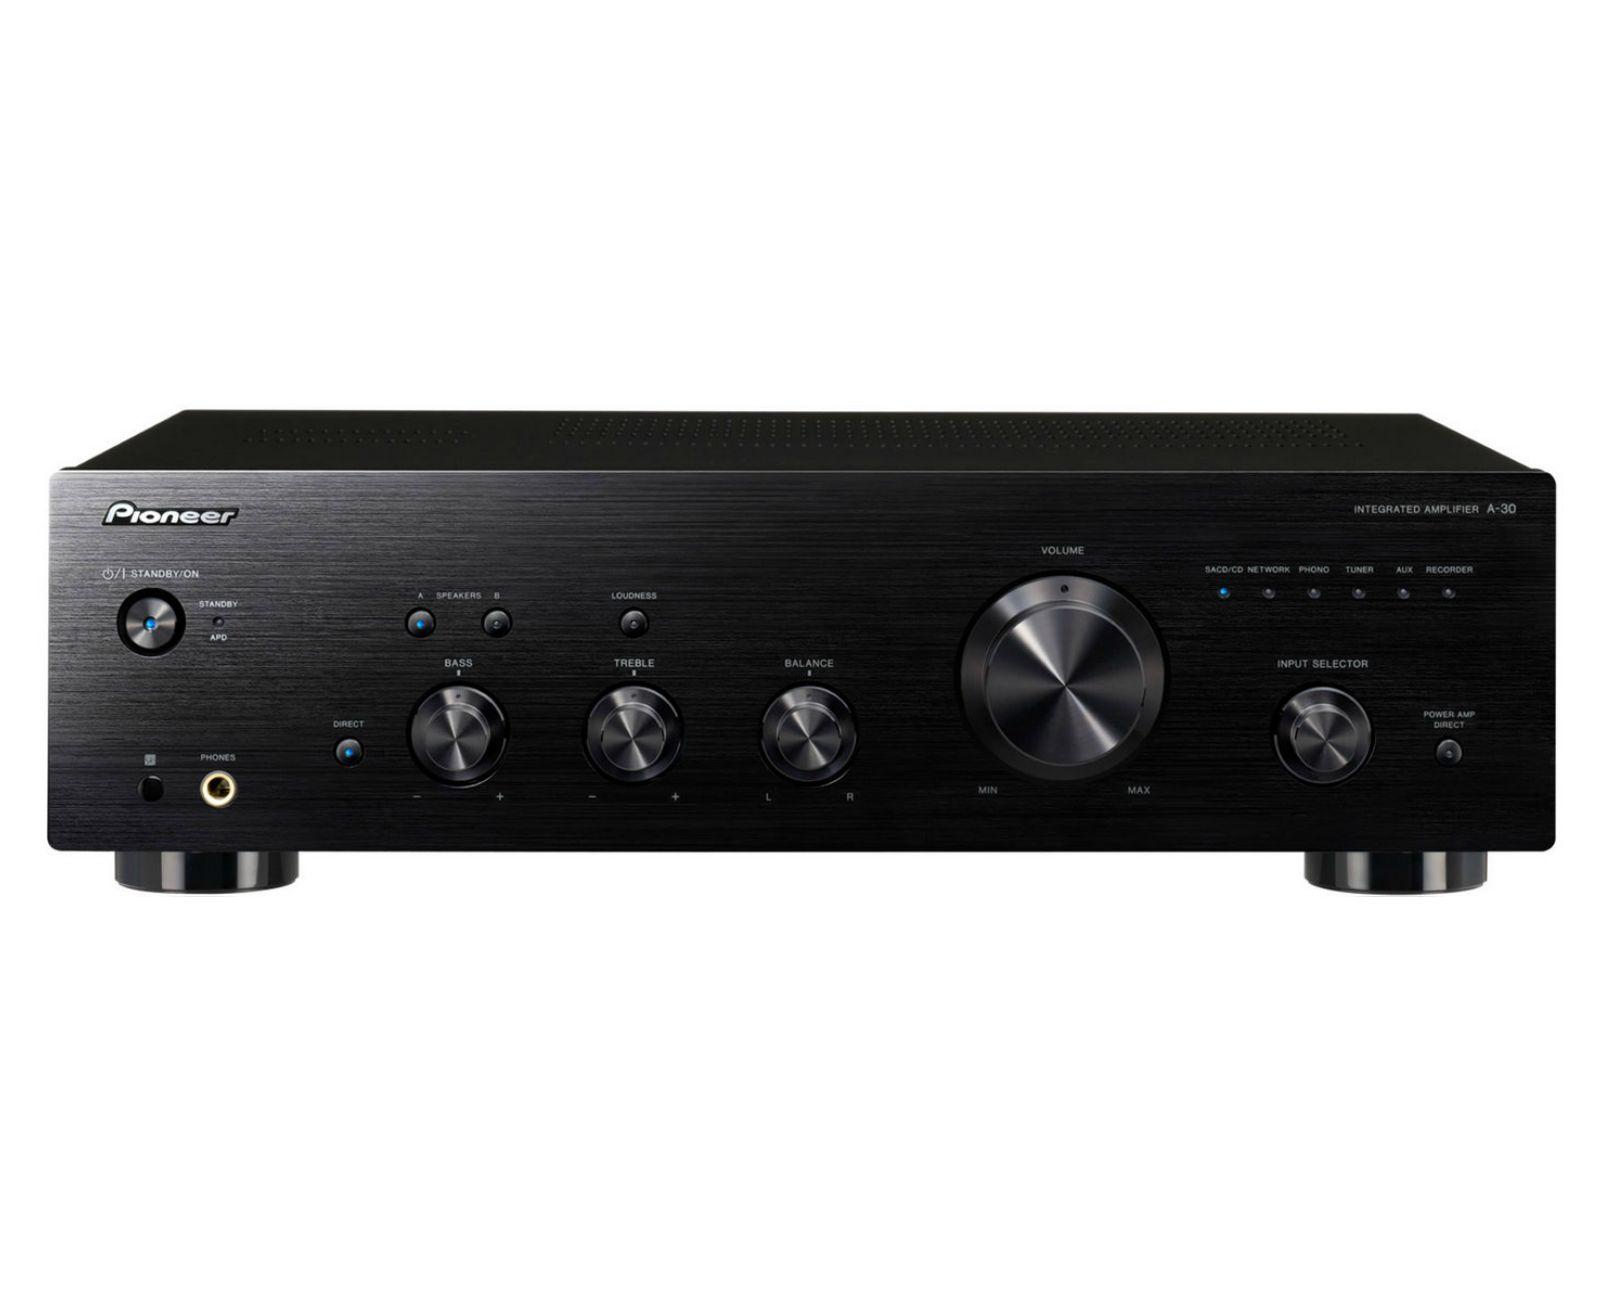 Powieksz do pelnego rozmiaru pionier, pioneer, pionner, pionneer,  wzmacniacz stereo zintegrowany wzmacniacz, wzmacniacz audio, pure audio, pureaudio a30, a-30, a 30